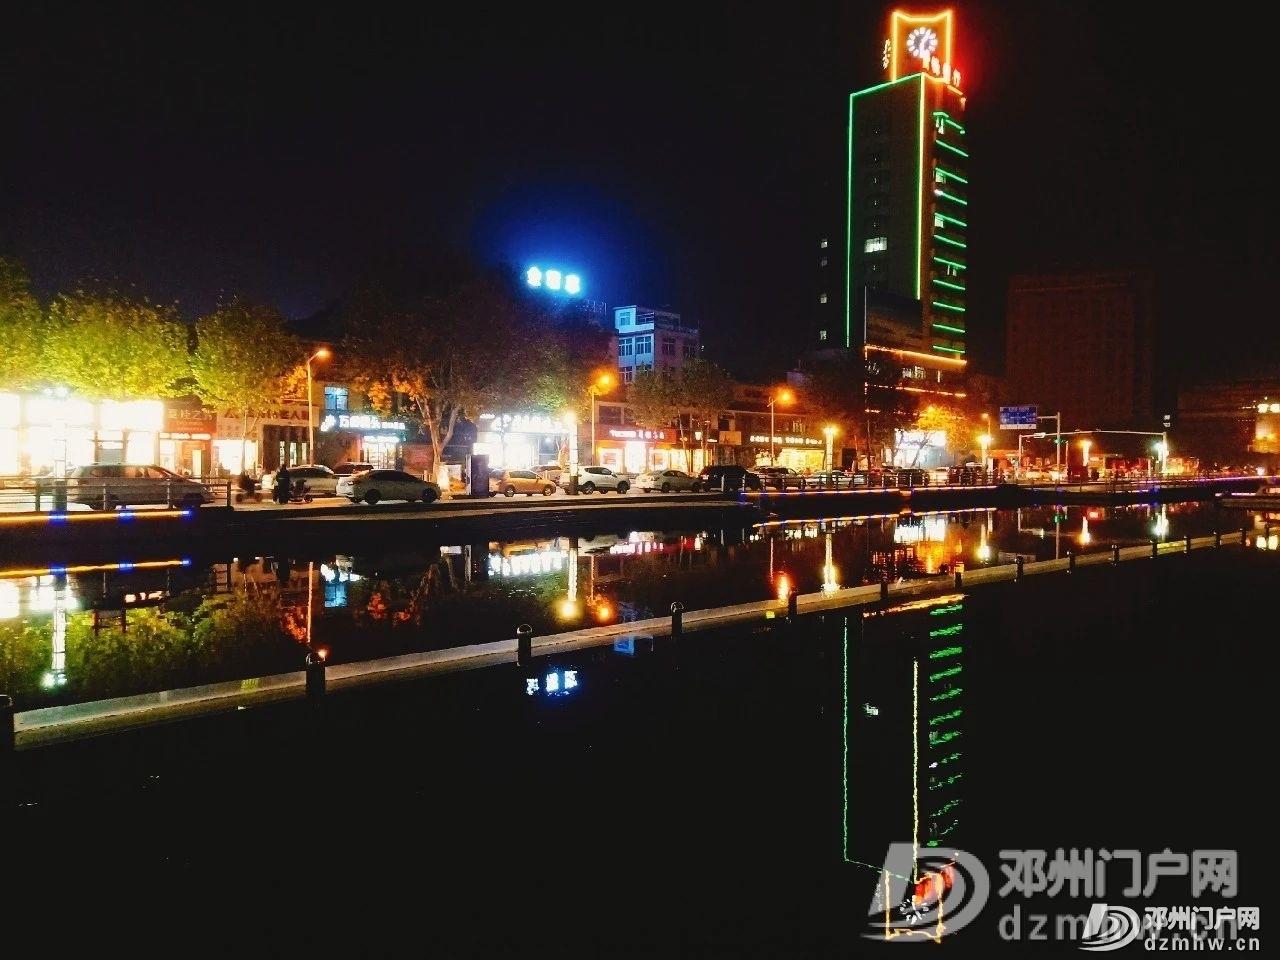 我叫邓州,这是我的最新简历,2020年,请多关照! - 邓州门户网|邓州网 - 6ac48791d4f3ad517f404c14ca7c4bea.jpg